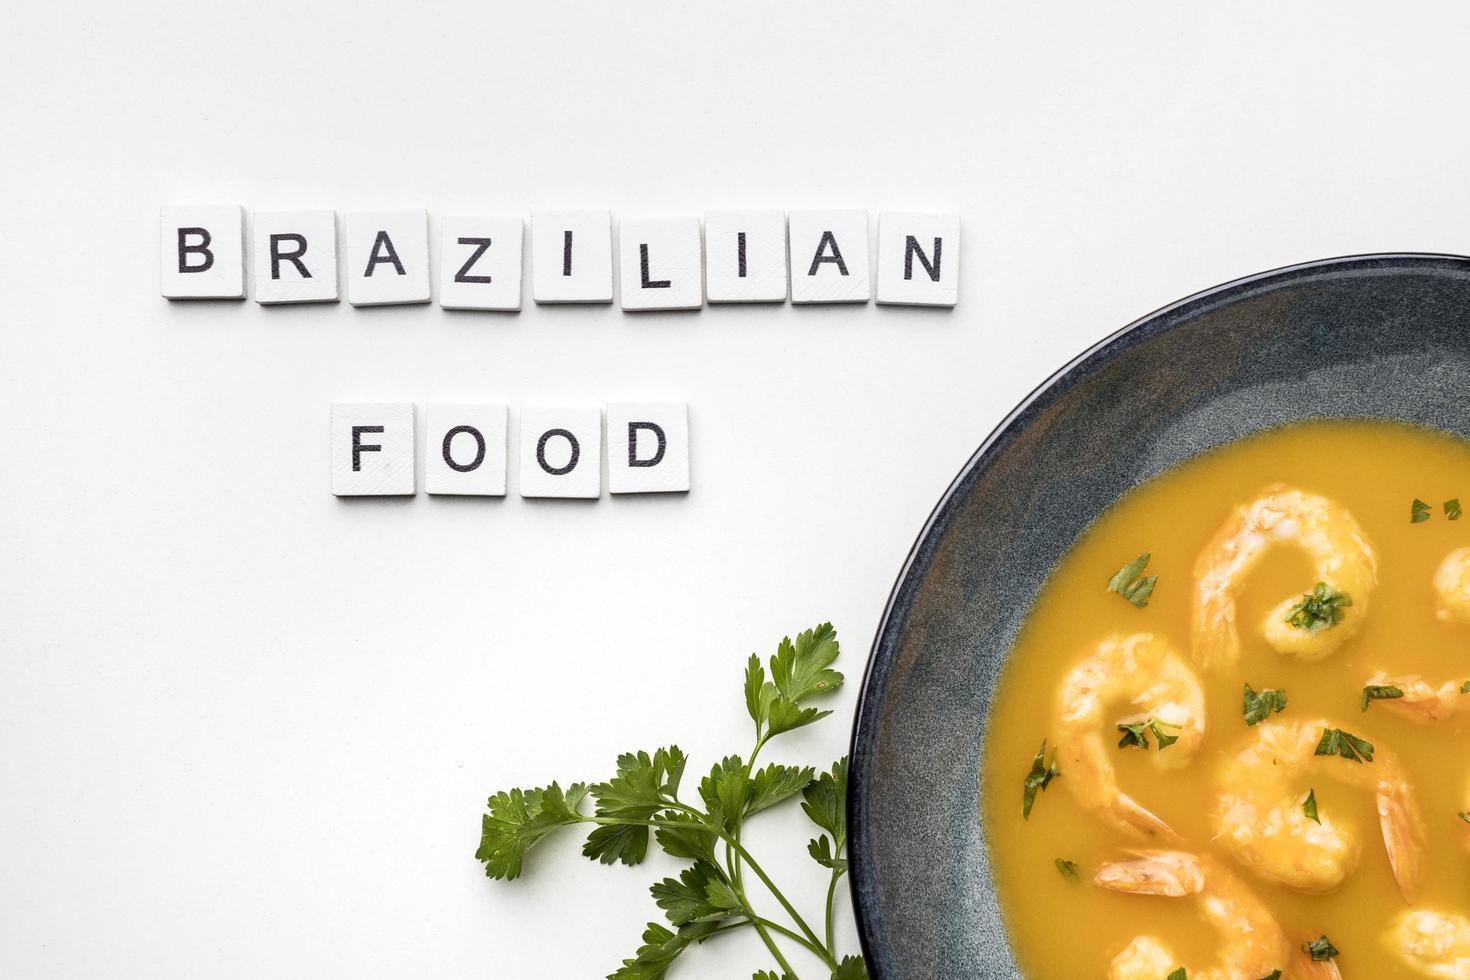 brasilianskt matkoncept foto